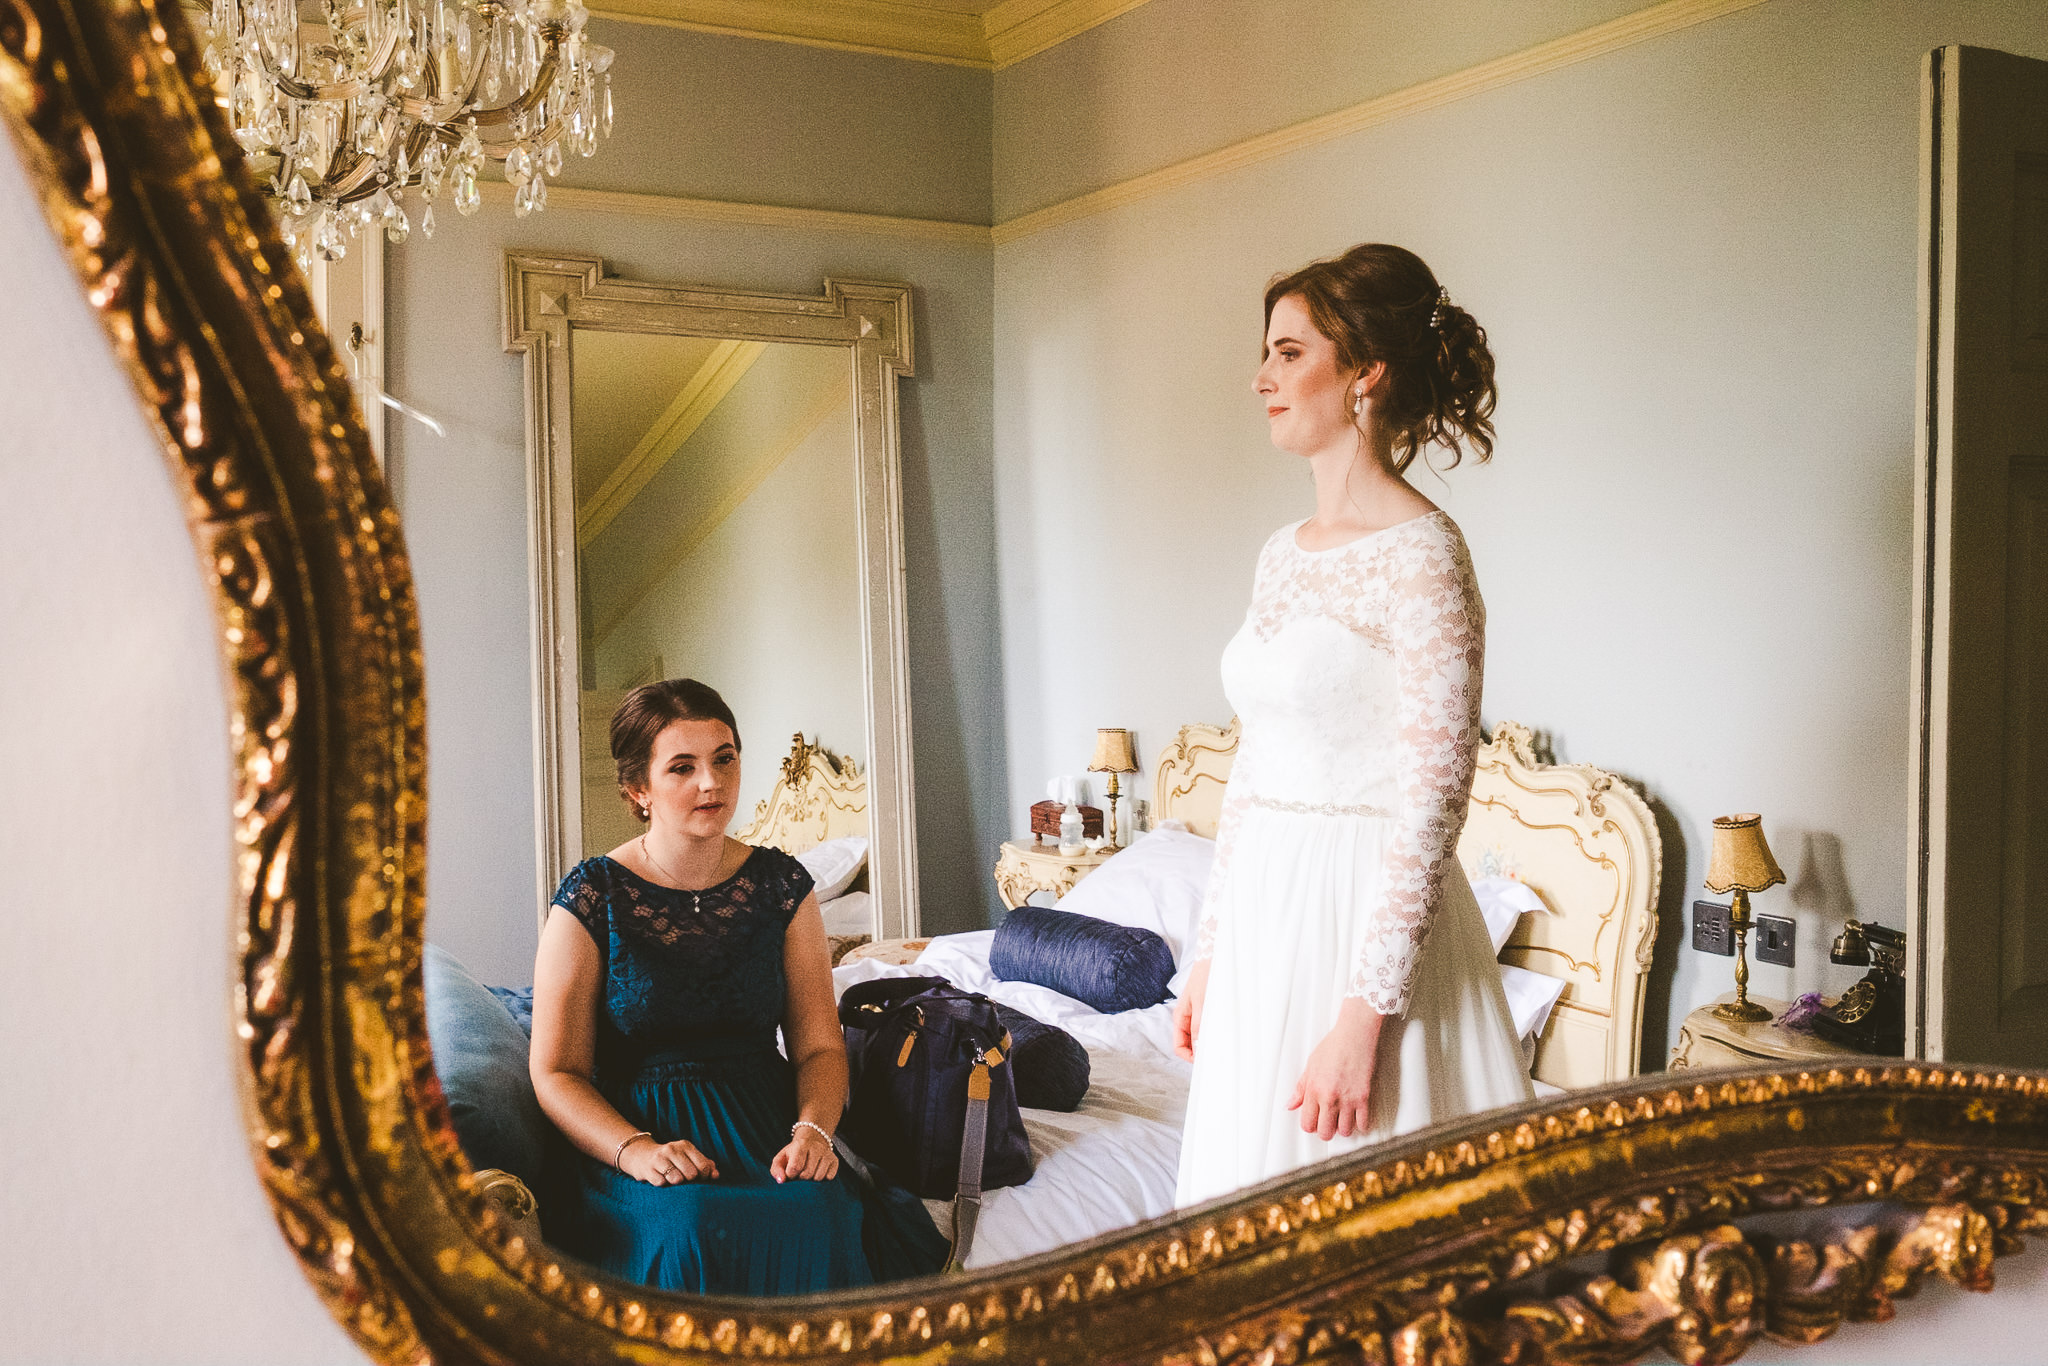 Bride and bridesmaid reflected in mirror